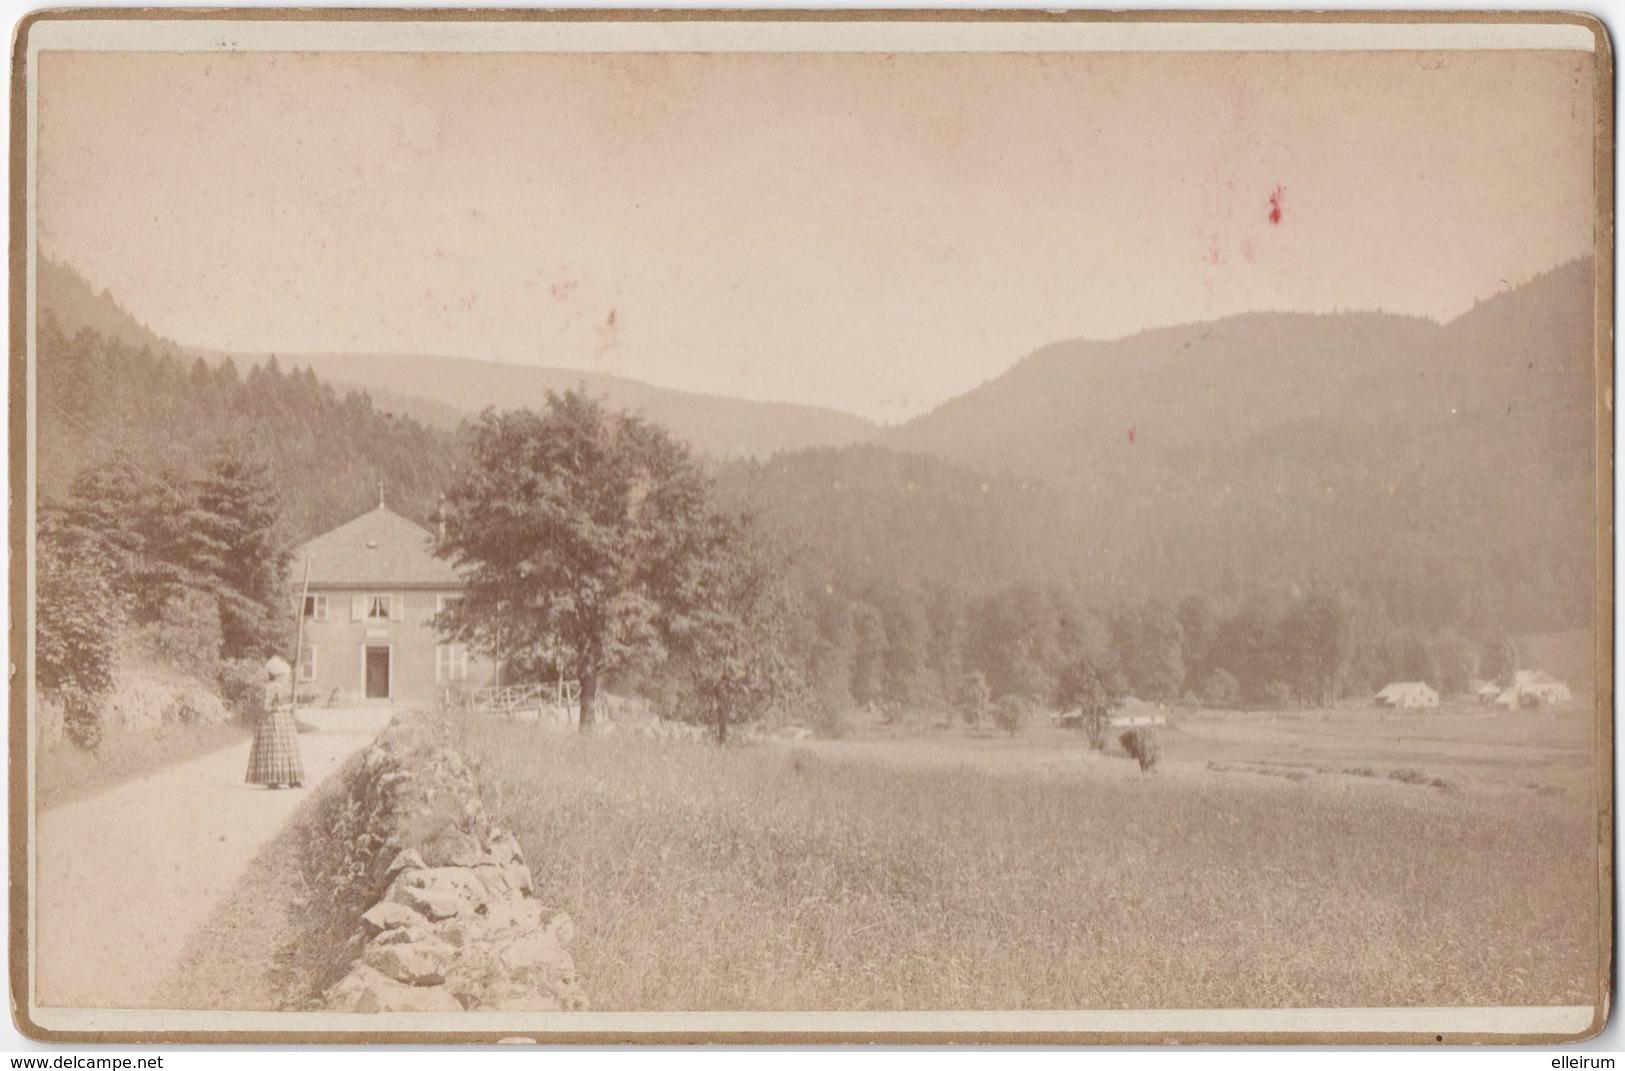 RETOURNEMER (88) PHOTO. 1891. PHOTOGRAPHIE FRANCK à St-DIE-des-VOSGES. - Antiche (ante 1900)